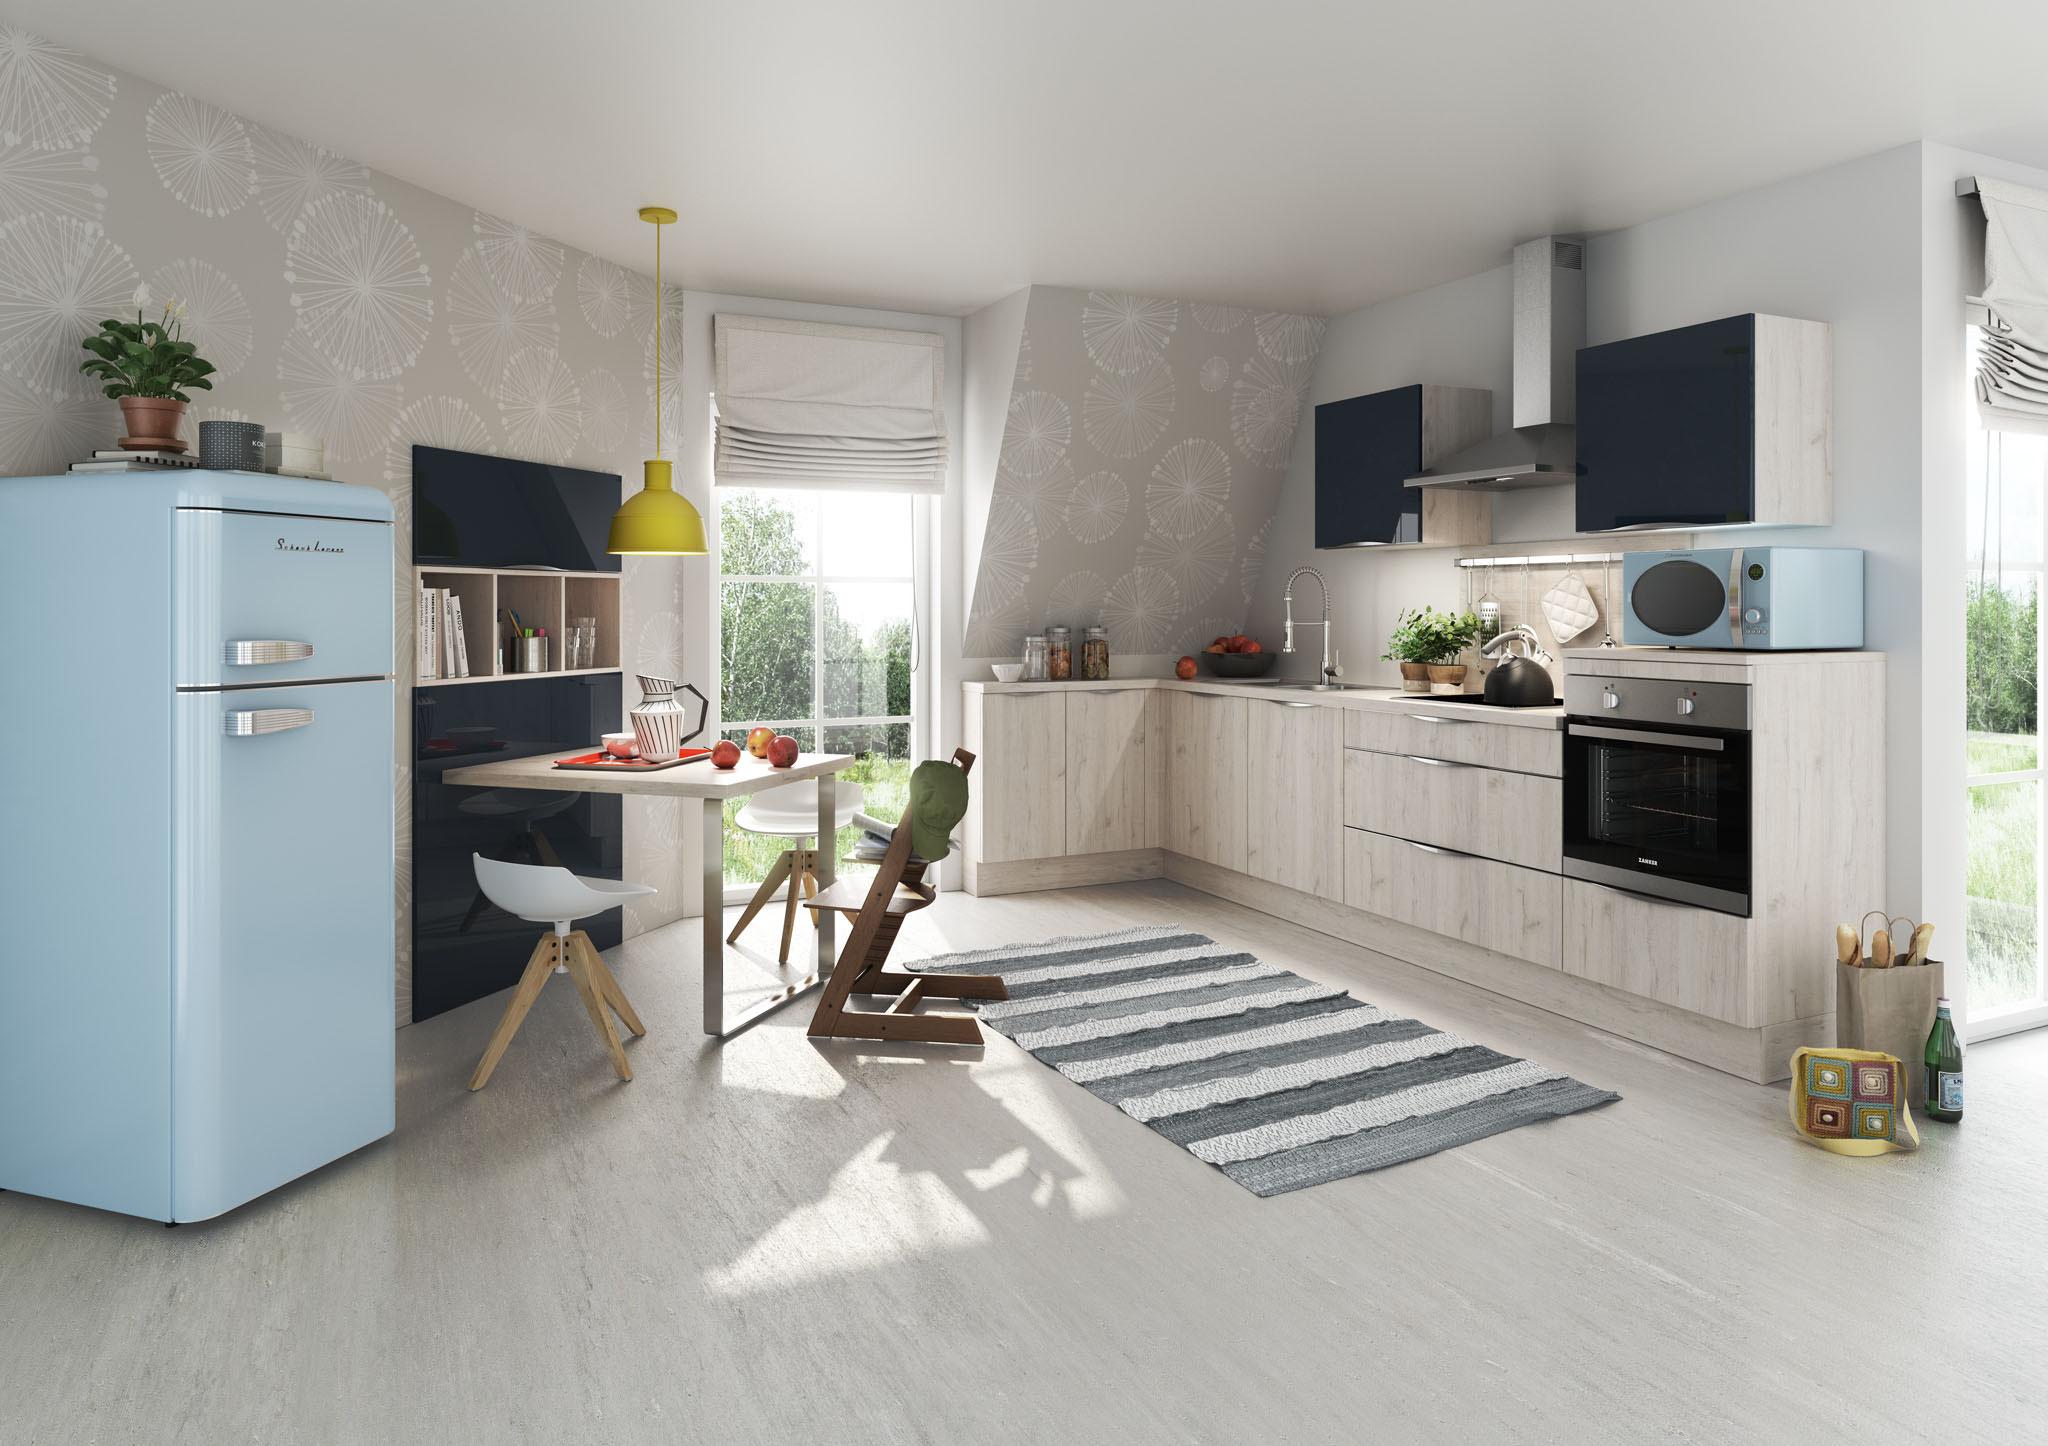 holger erfahrungen und bewertungen. Black Bedroom Furniture Sets. Home Design Ideas